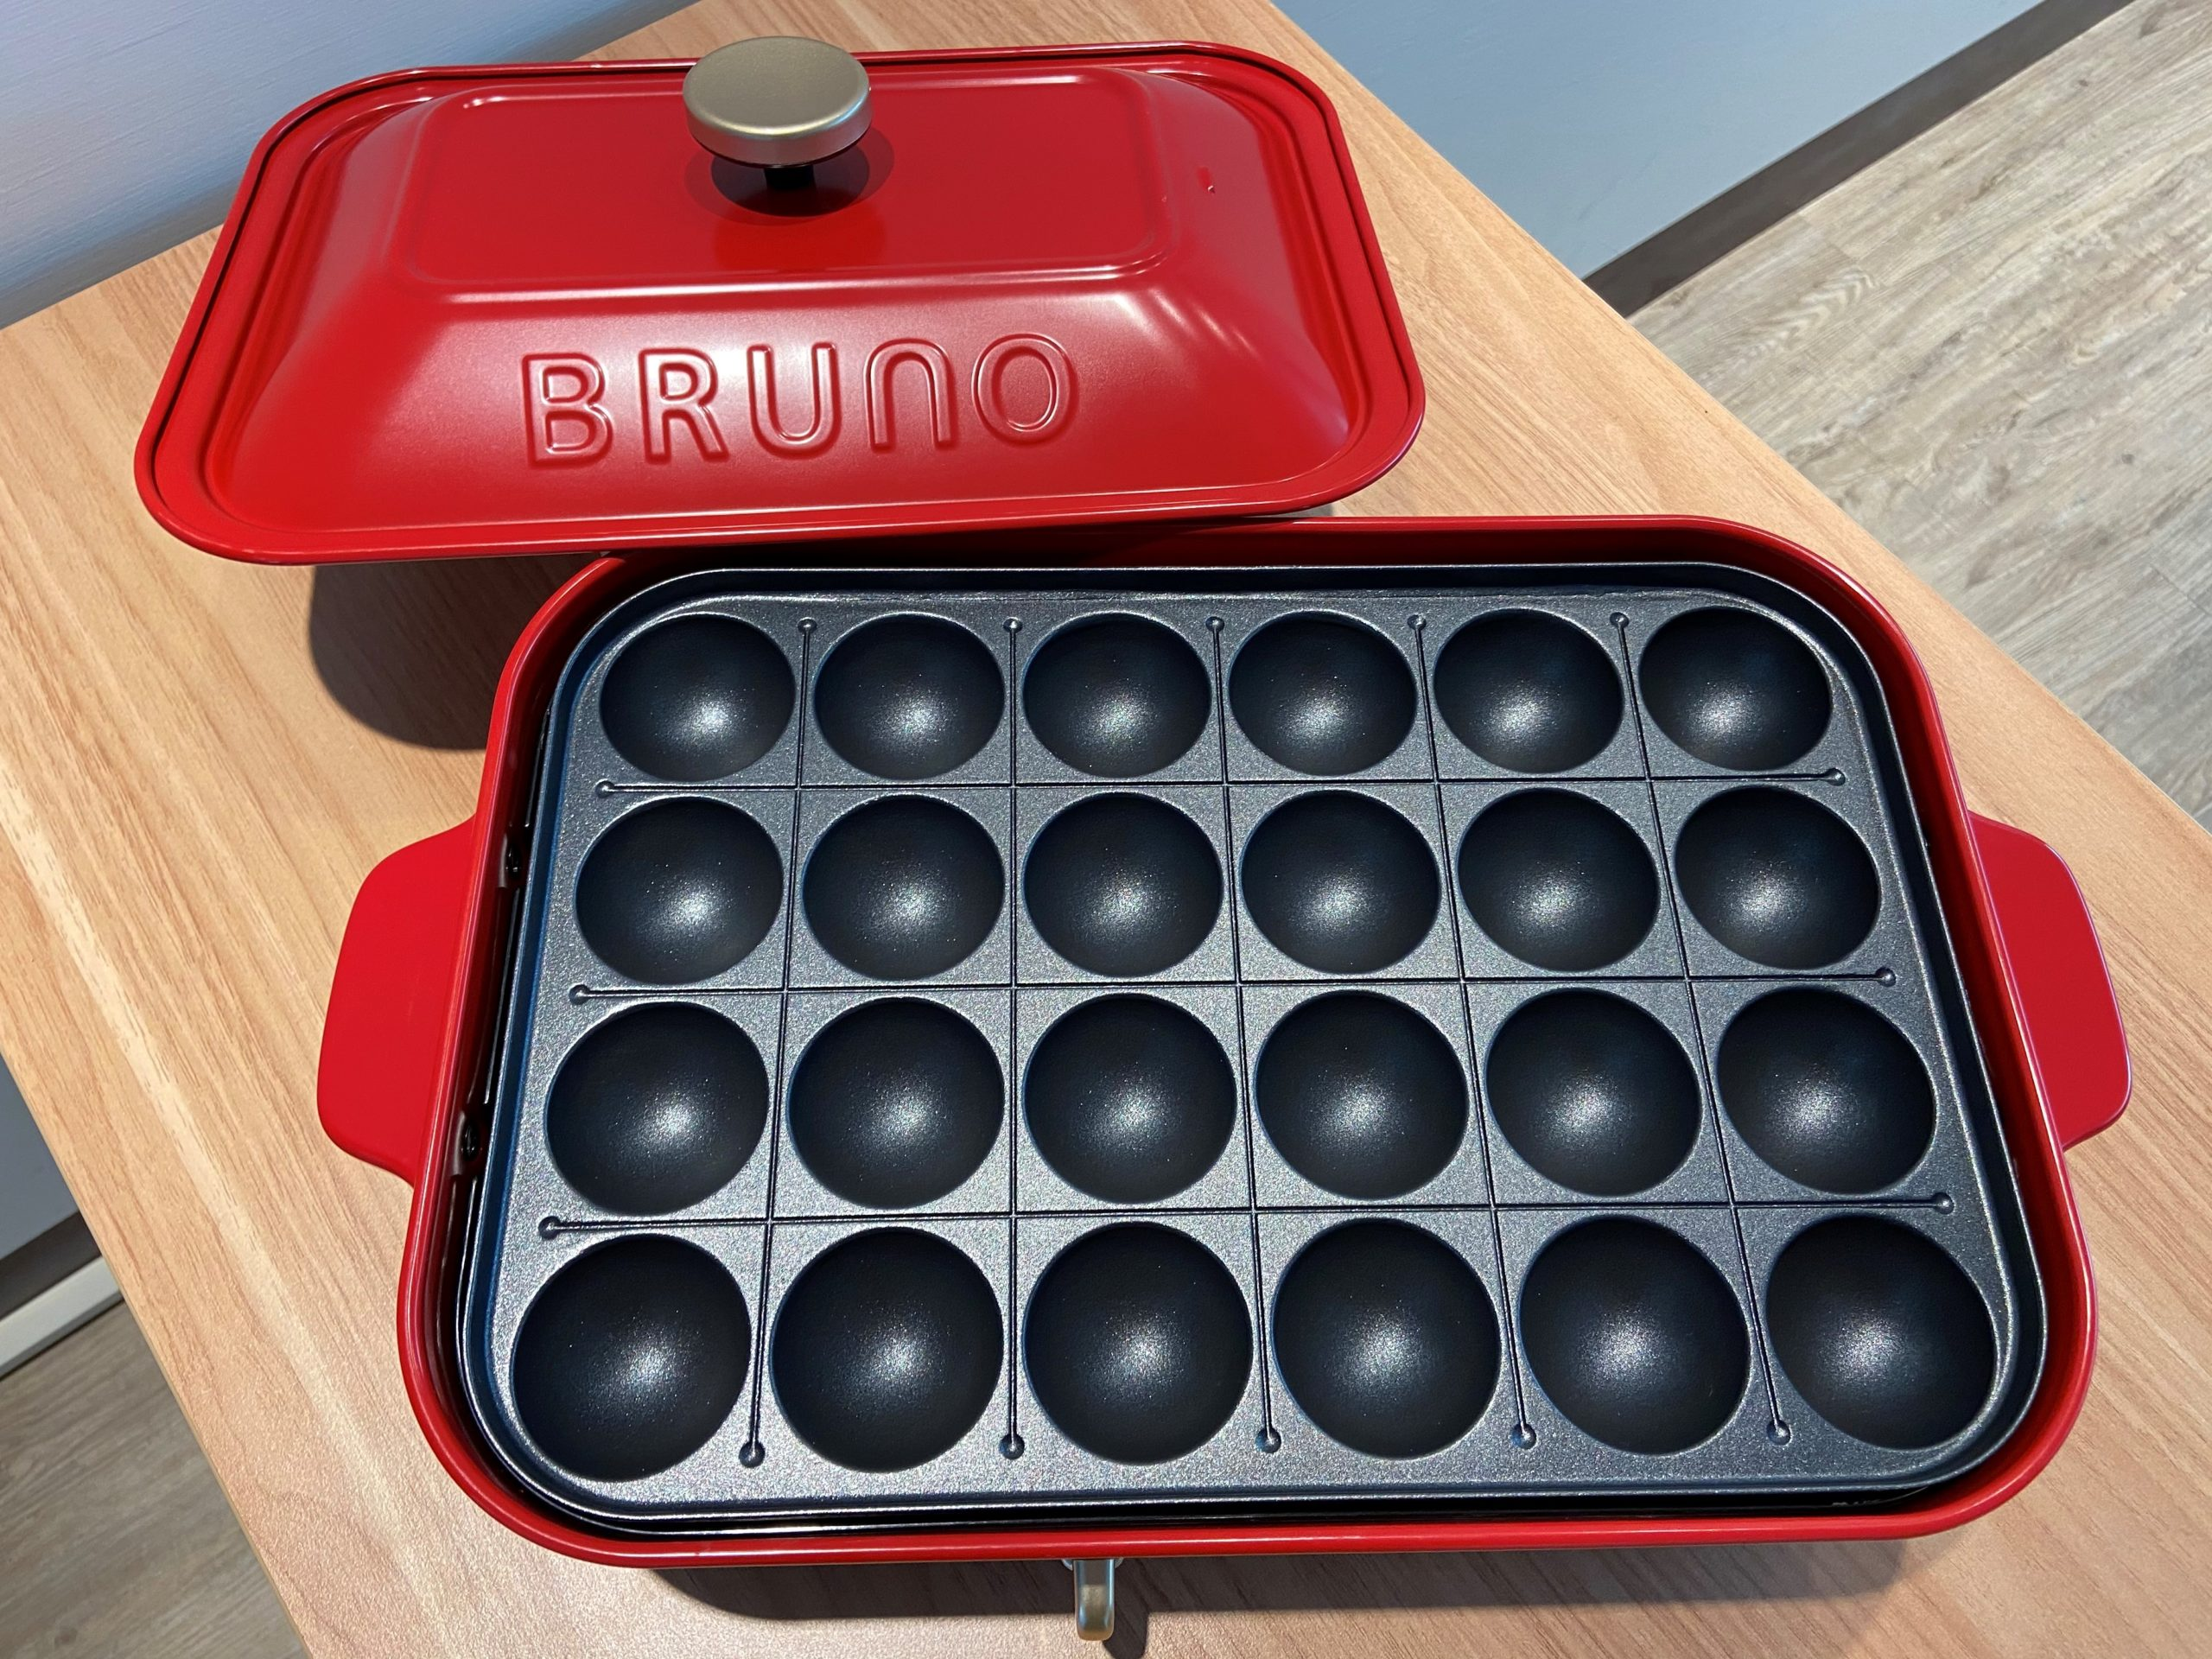 日本 BRUNO 電烤盤-章魚燒烤盤